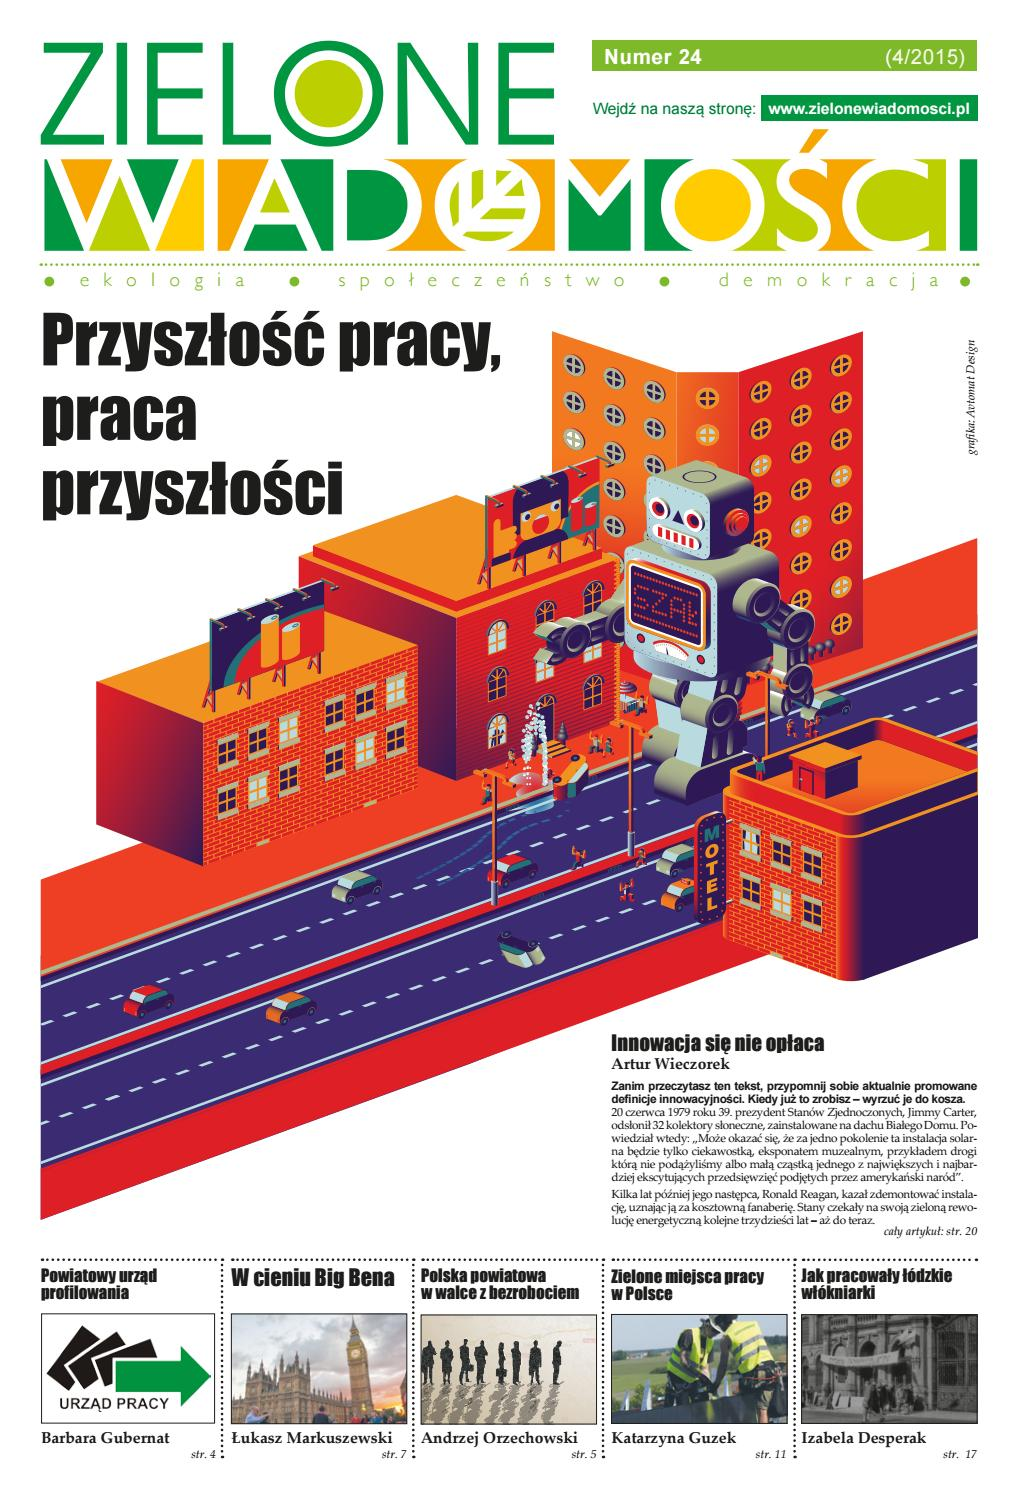 db7cd1fad222bc Zielone Wiadomości o zrównoważonym rynku (pracy) by Fundacja im. Heinricha  Boella - issuu